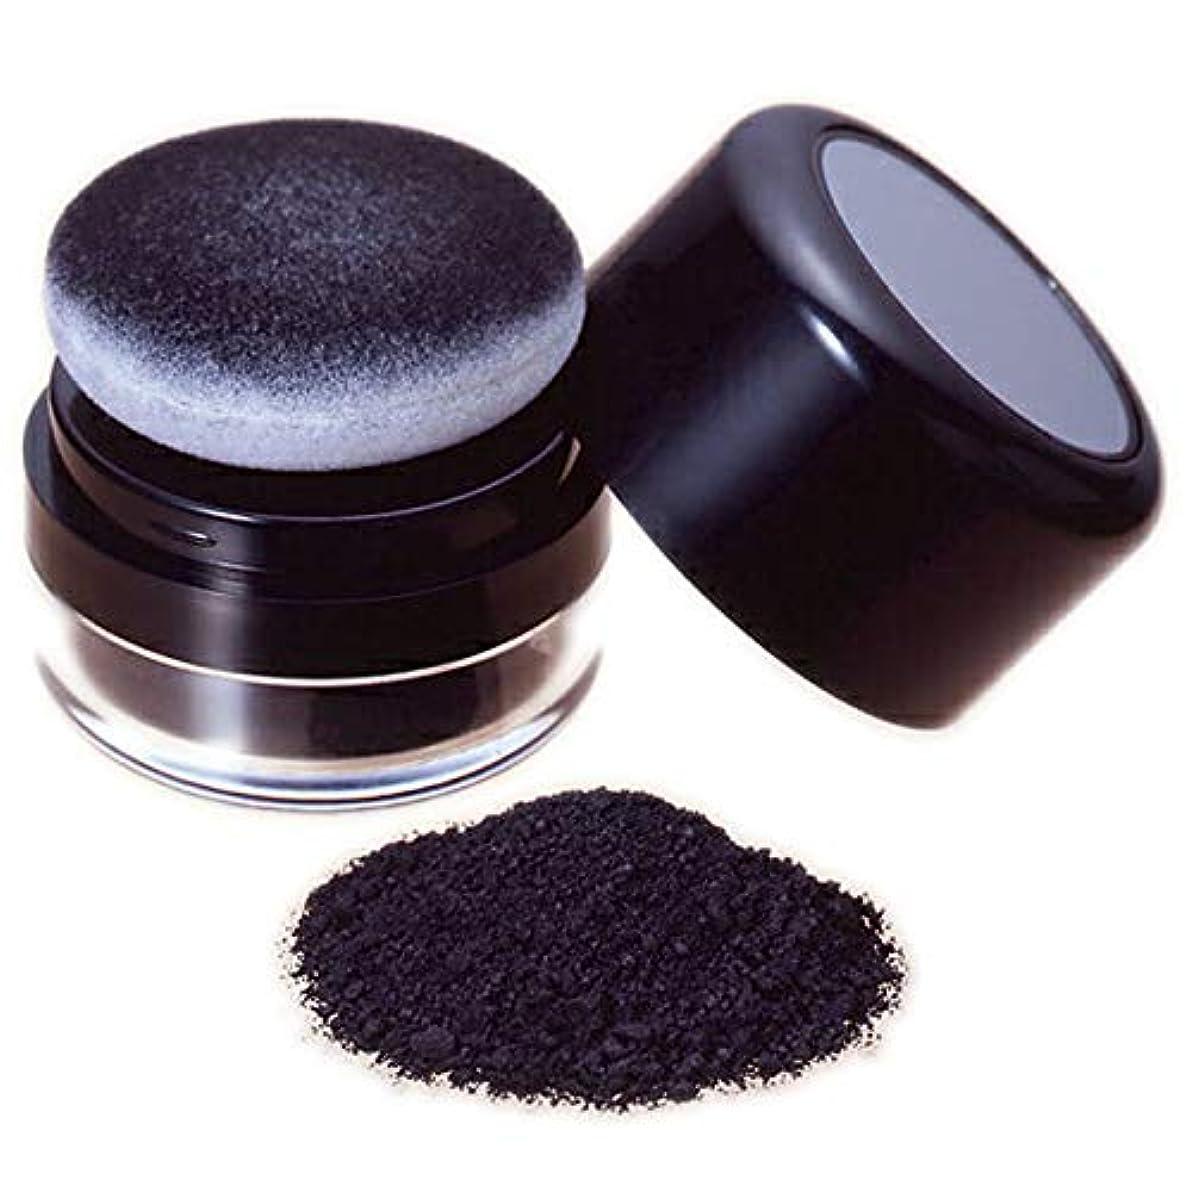 エジプトあらゆる種類のマリン薄毛部分にミクロの粉でハゲ隠の黒い粉し【ヘ ア ー フ ァ ン デ ー シ ョ ン (黒色)